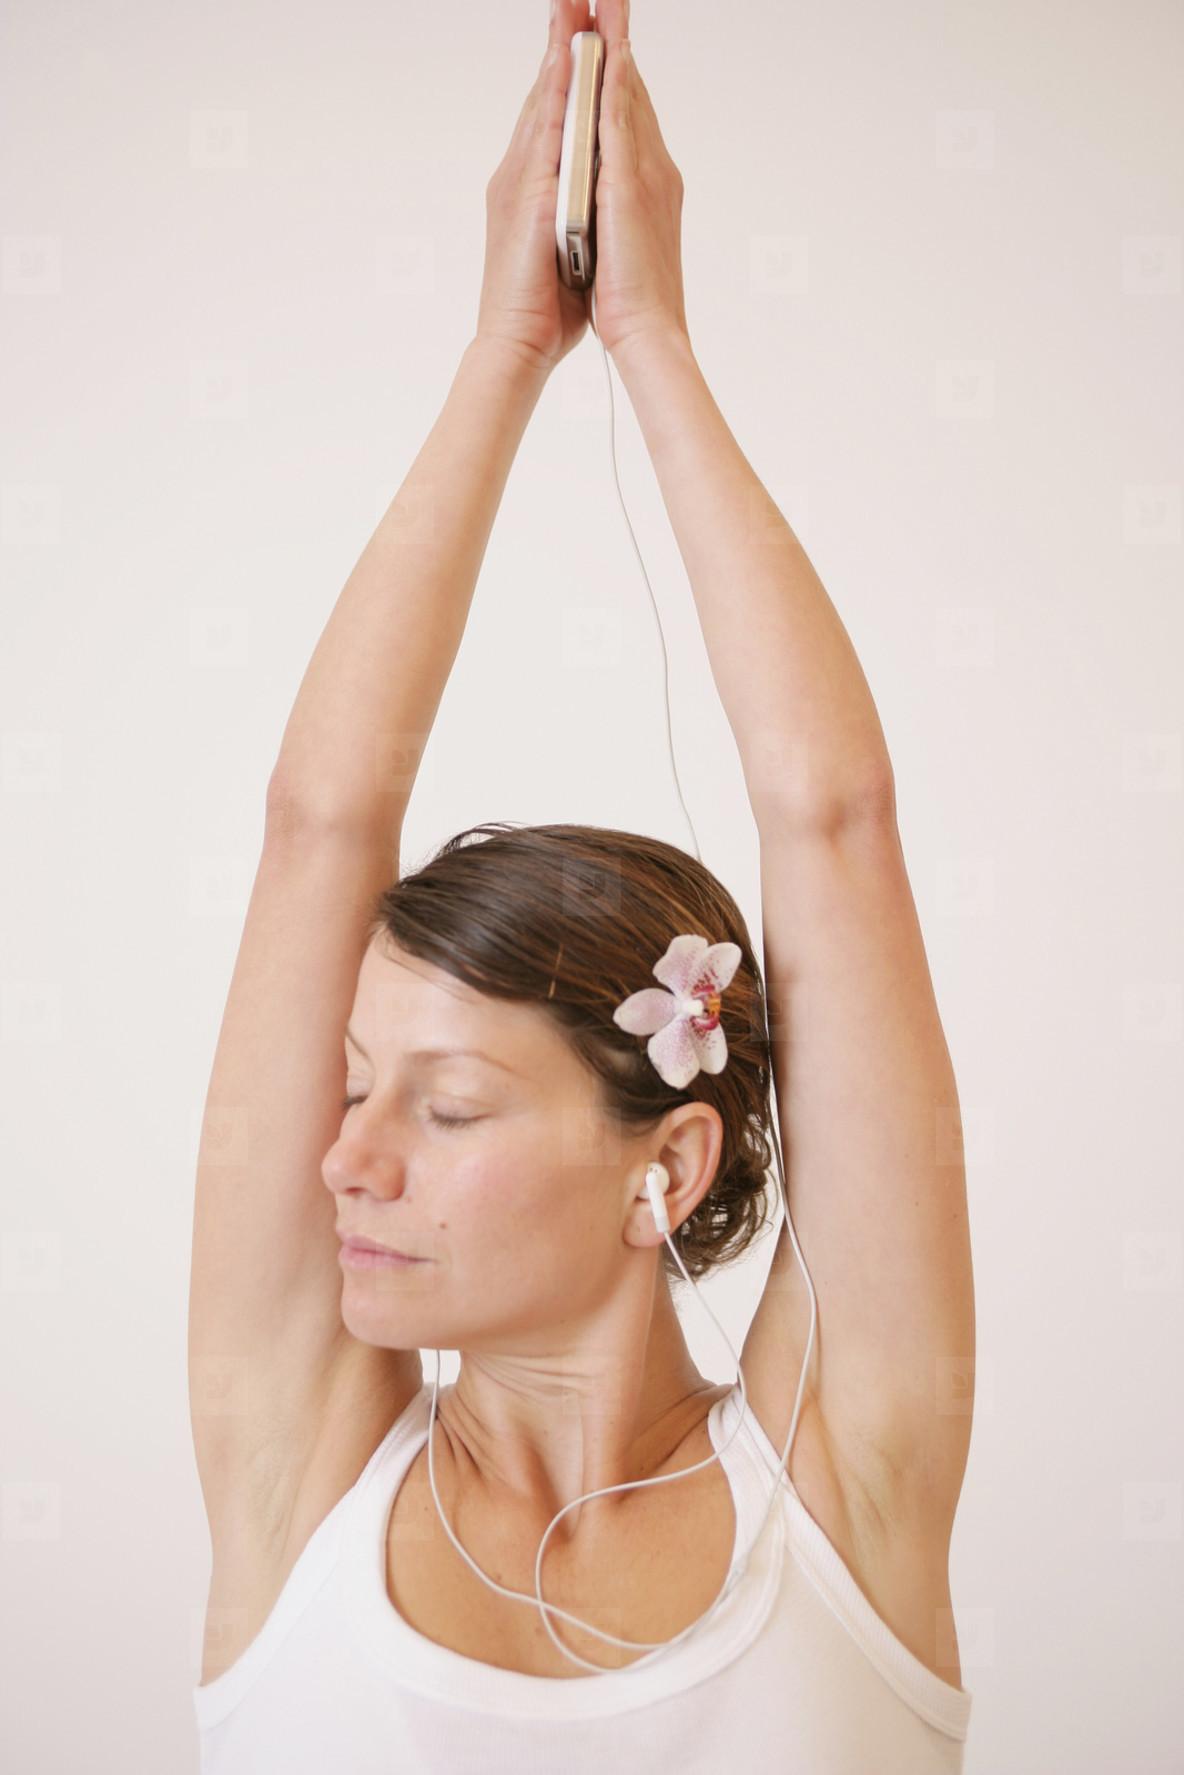 Massage 101  22